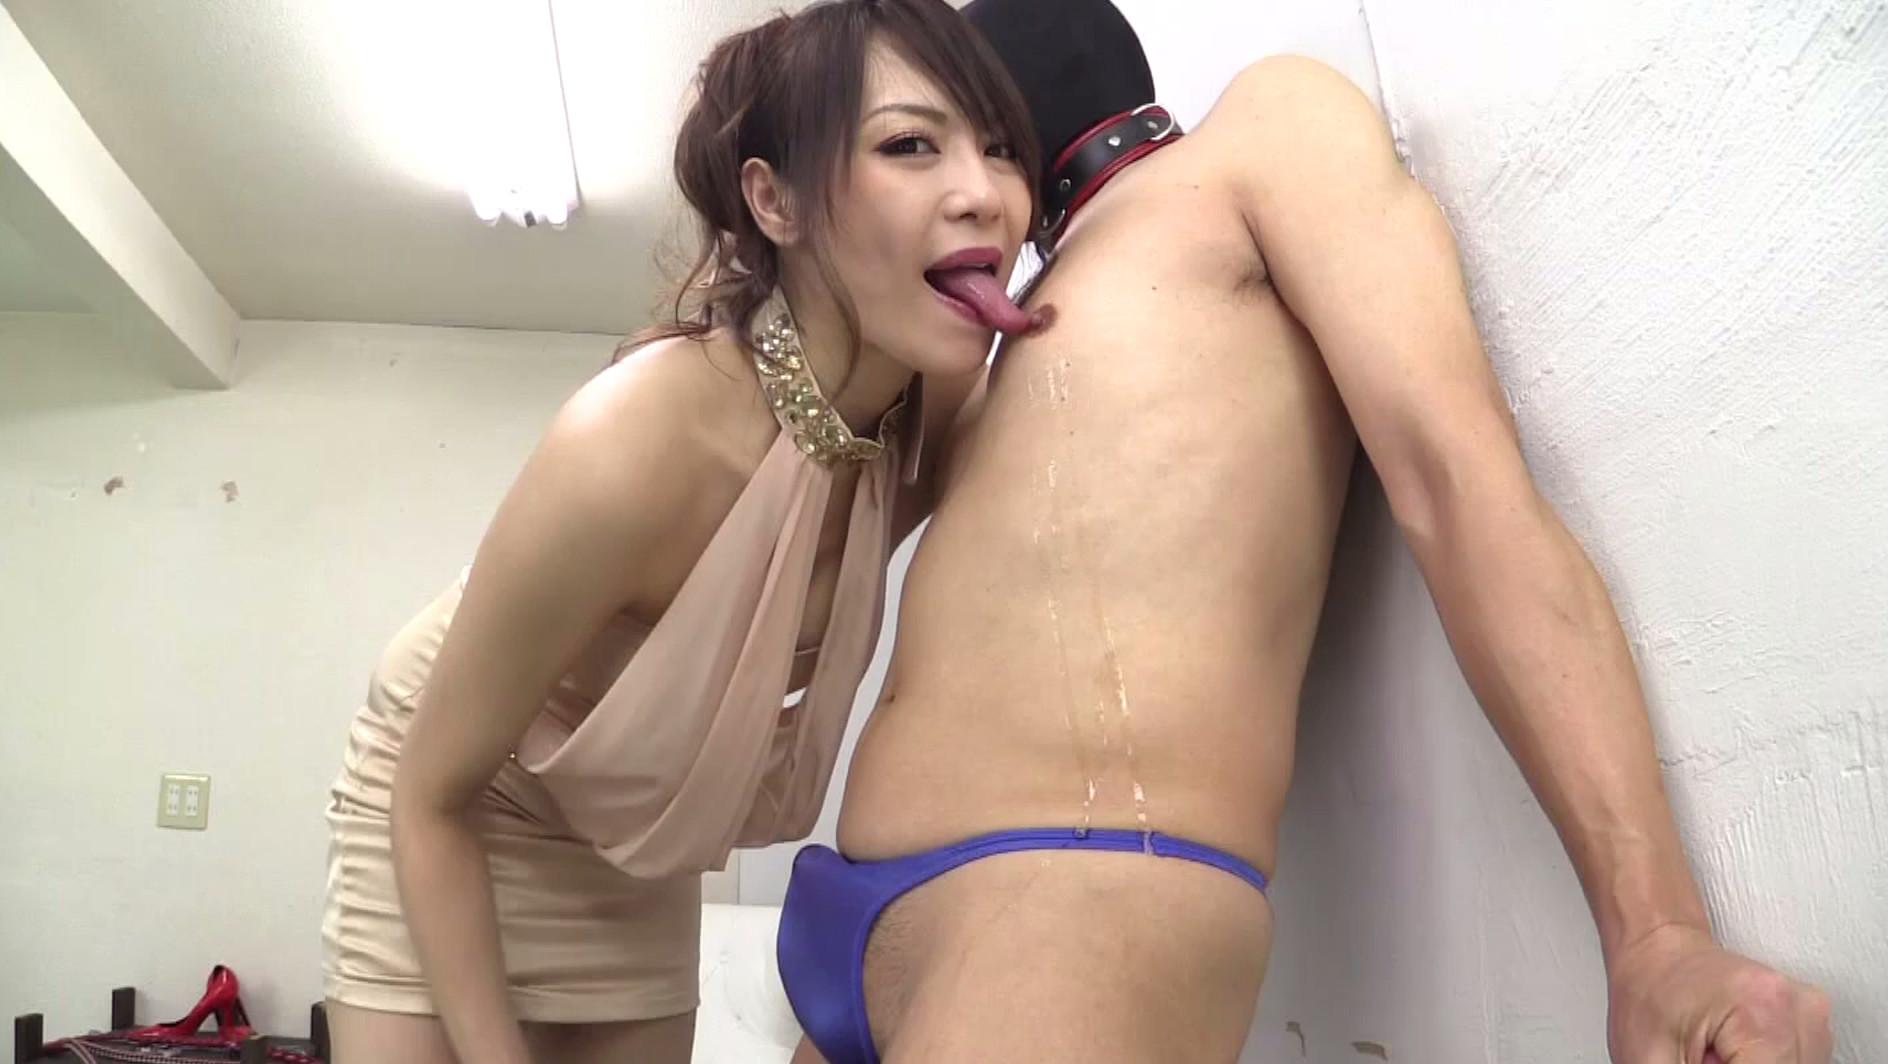 超絶テクニック!ゴッドハンドで男の潮吹き Vol.8 広瀬奈々美 画像13